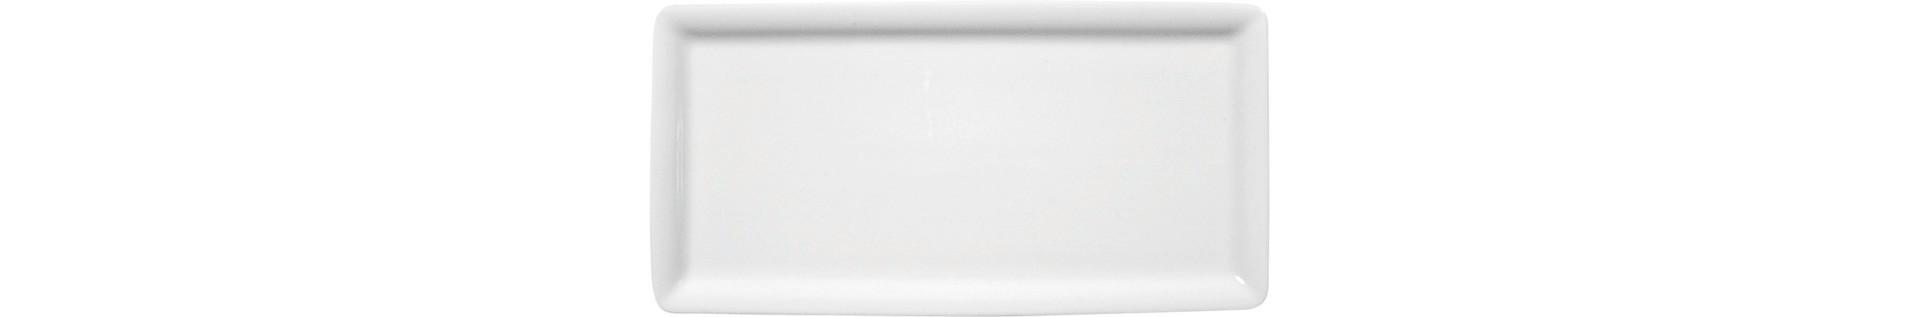 Buffet Gourmet, Platte rechteckig 200 x 100 mm